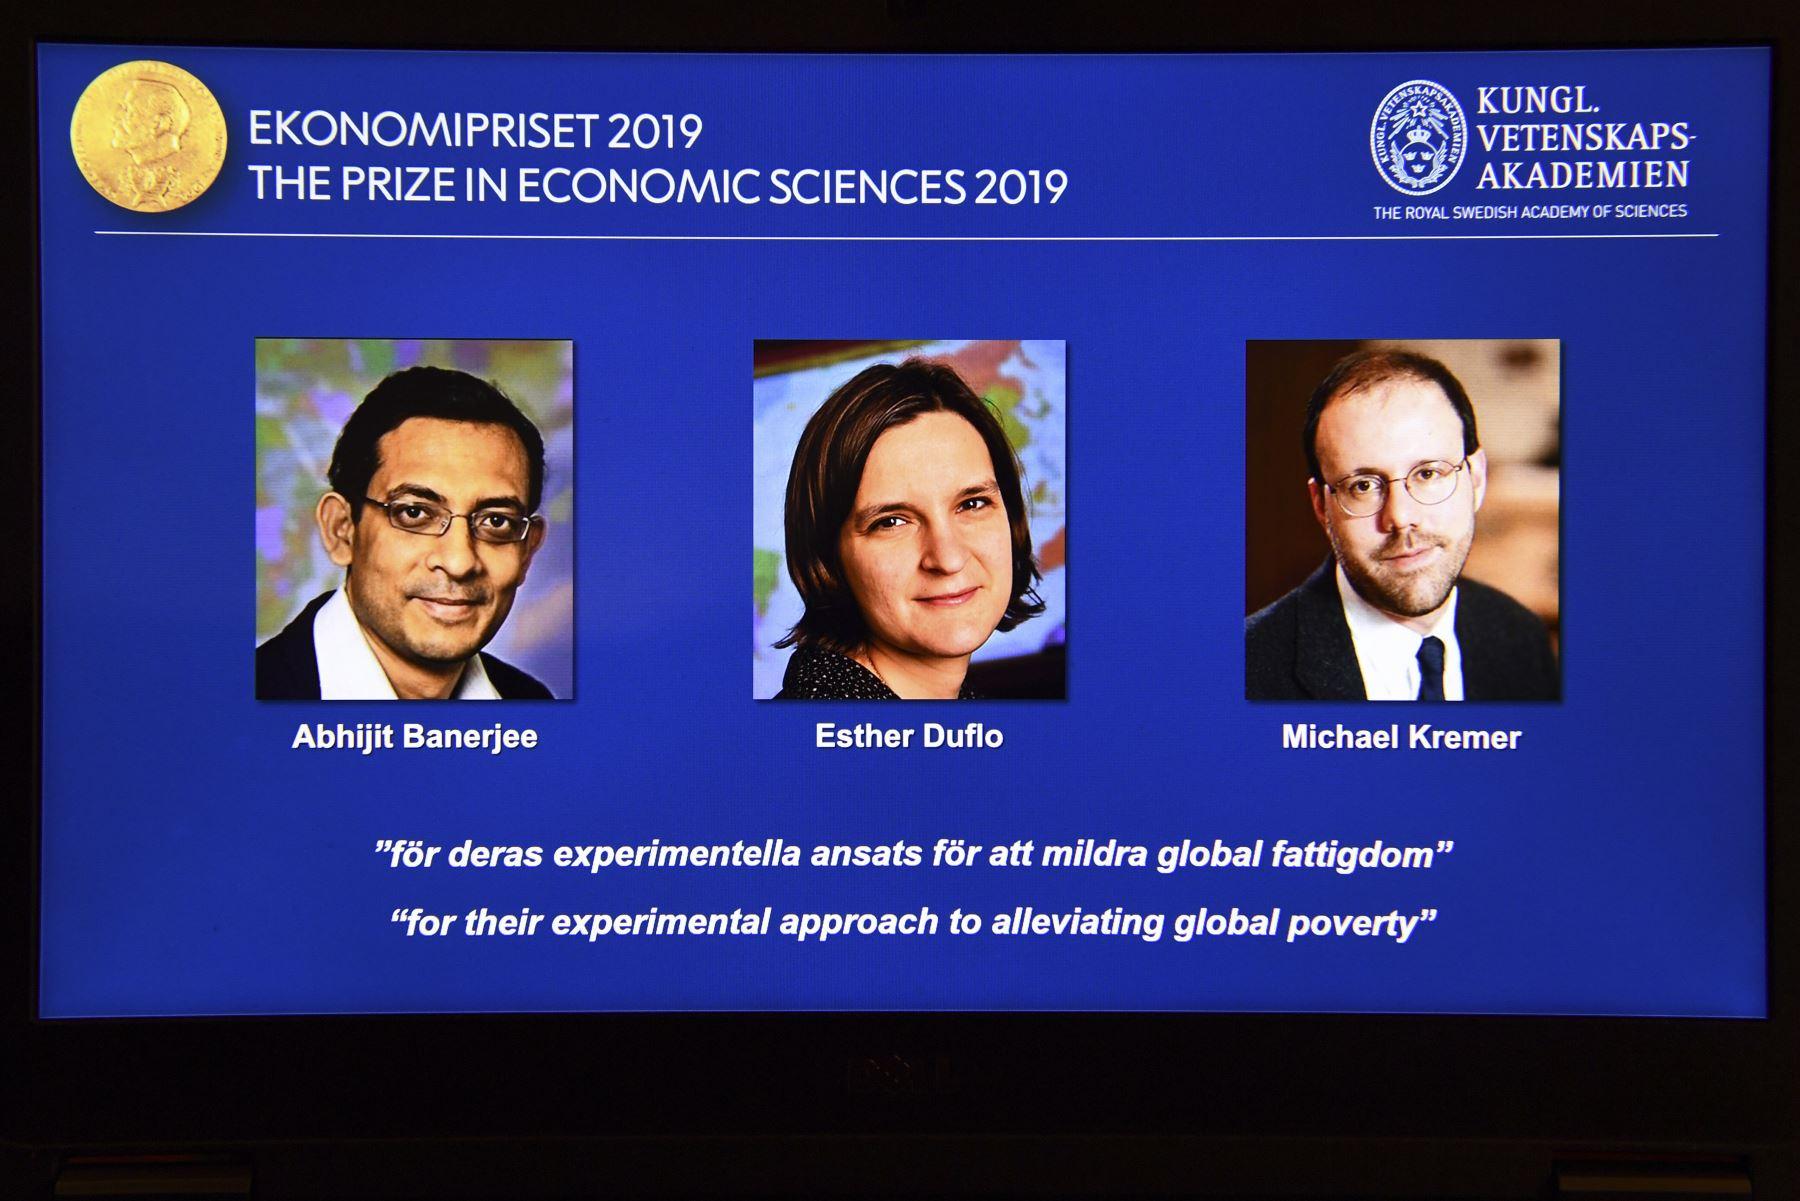 La franco-estadounidense Esther Duflo y los también estadounidenses Abhijit Banerjee nacido en India- y Michael Kremer, ganaron el Premio Nobel de Economía. Foto: AFP